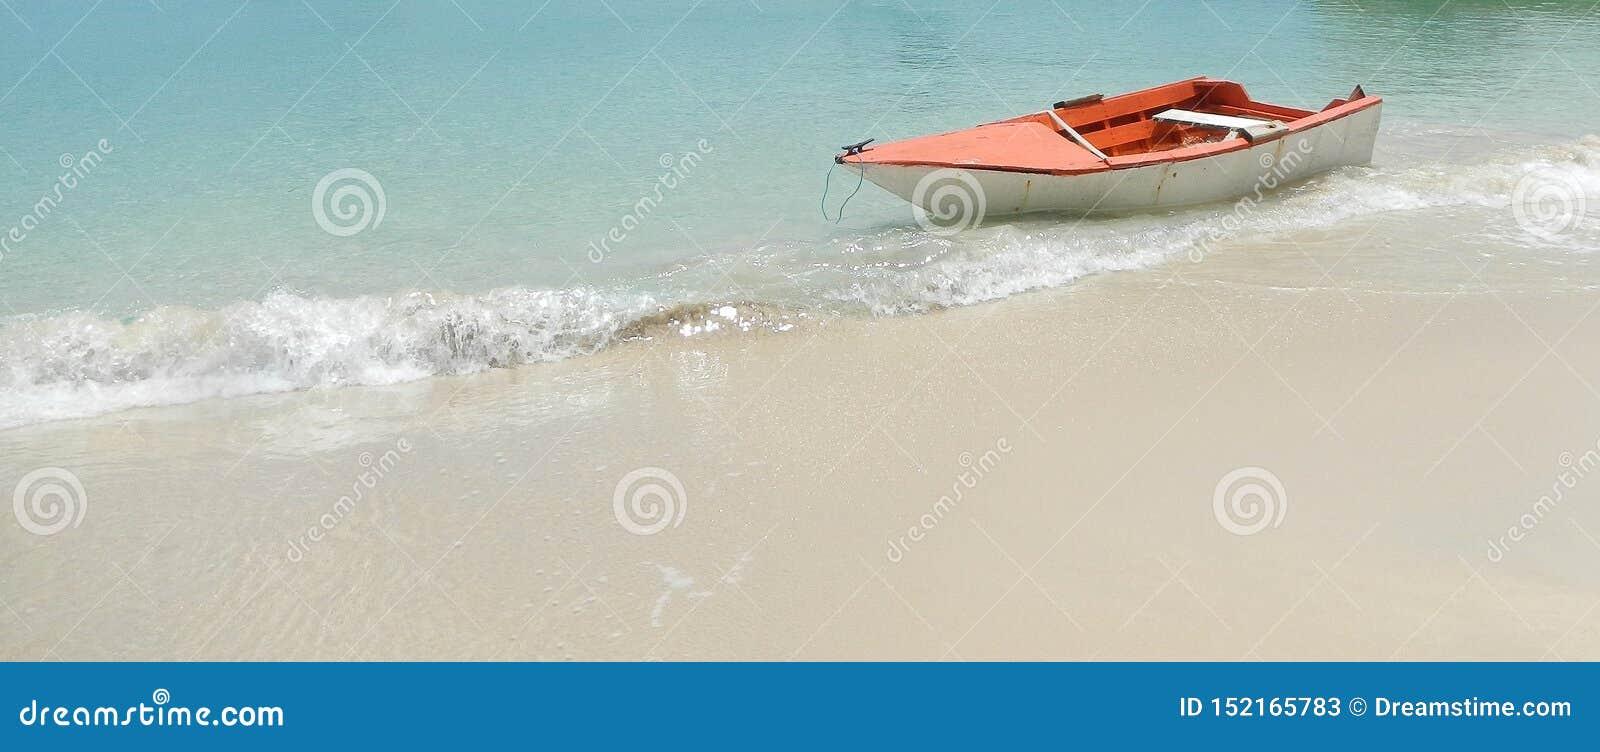 Bateau en bois sur la belle plage